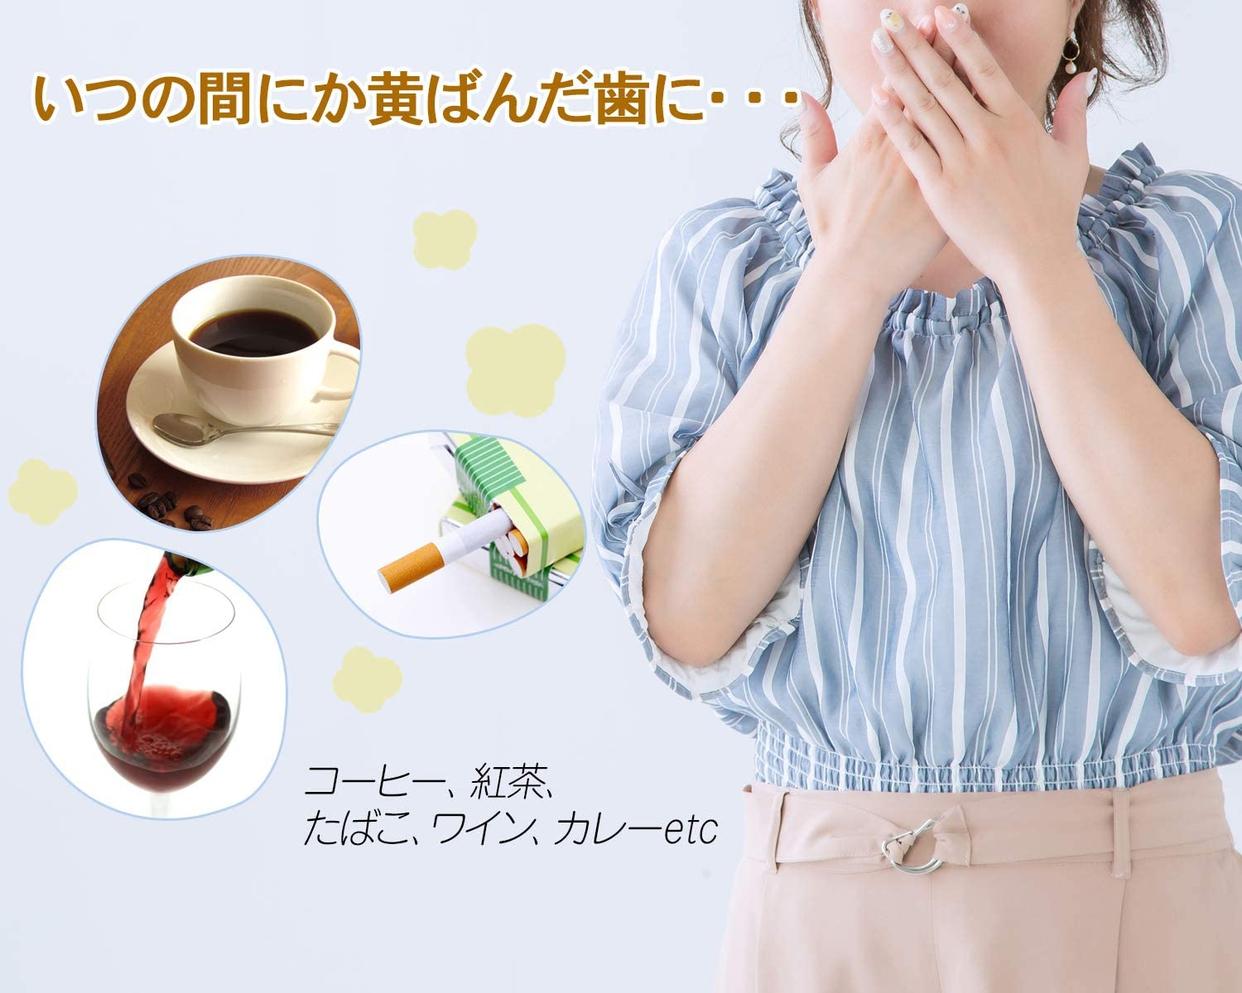 Buhna(ビューナ) トゥースマニキュア ピュアホワイトの商品画像3